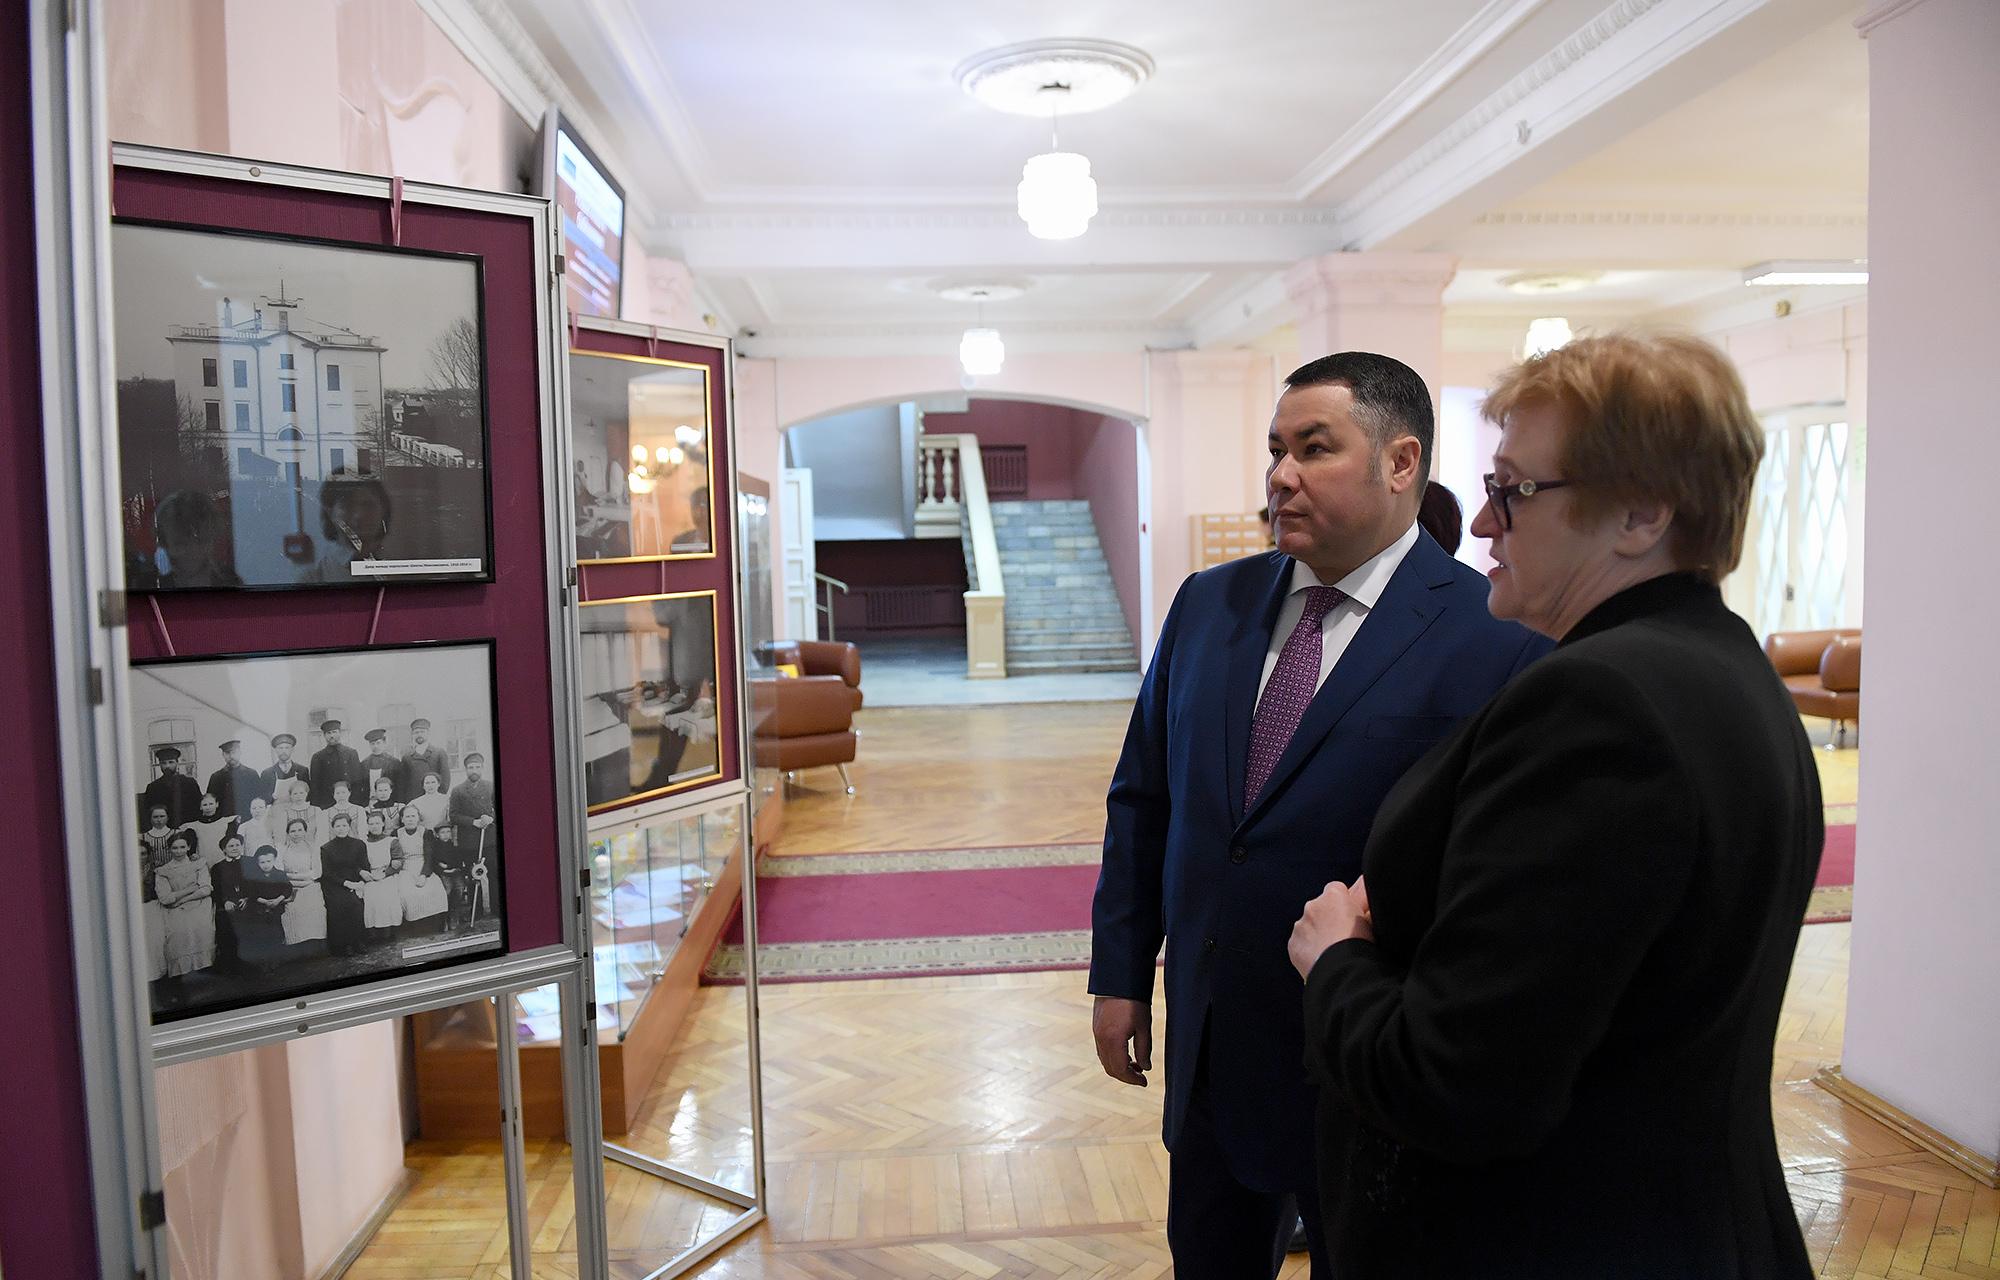 Игорь Руденя поздравил сотрудниц библиотеки с предстоящим Международным женским днём